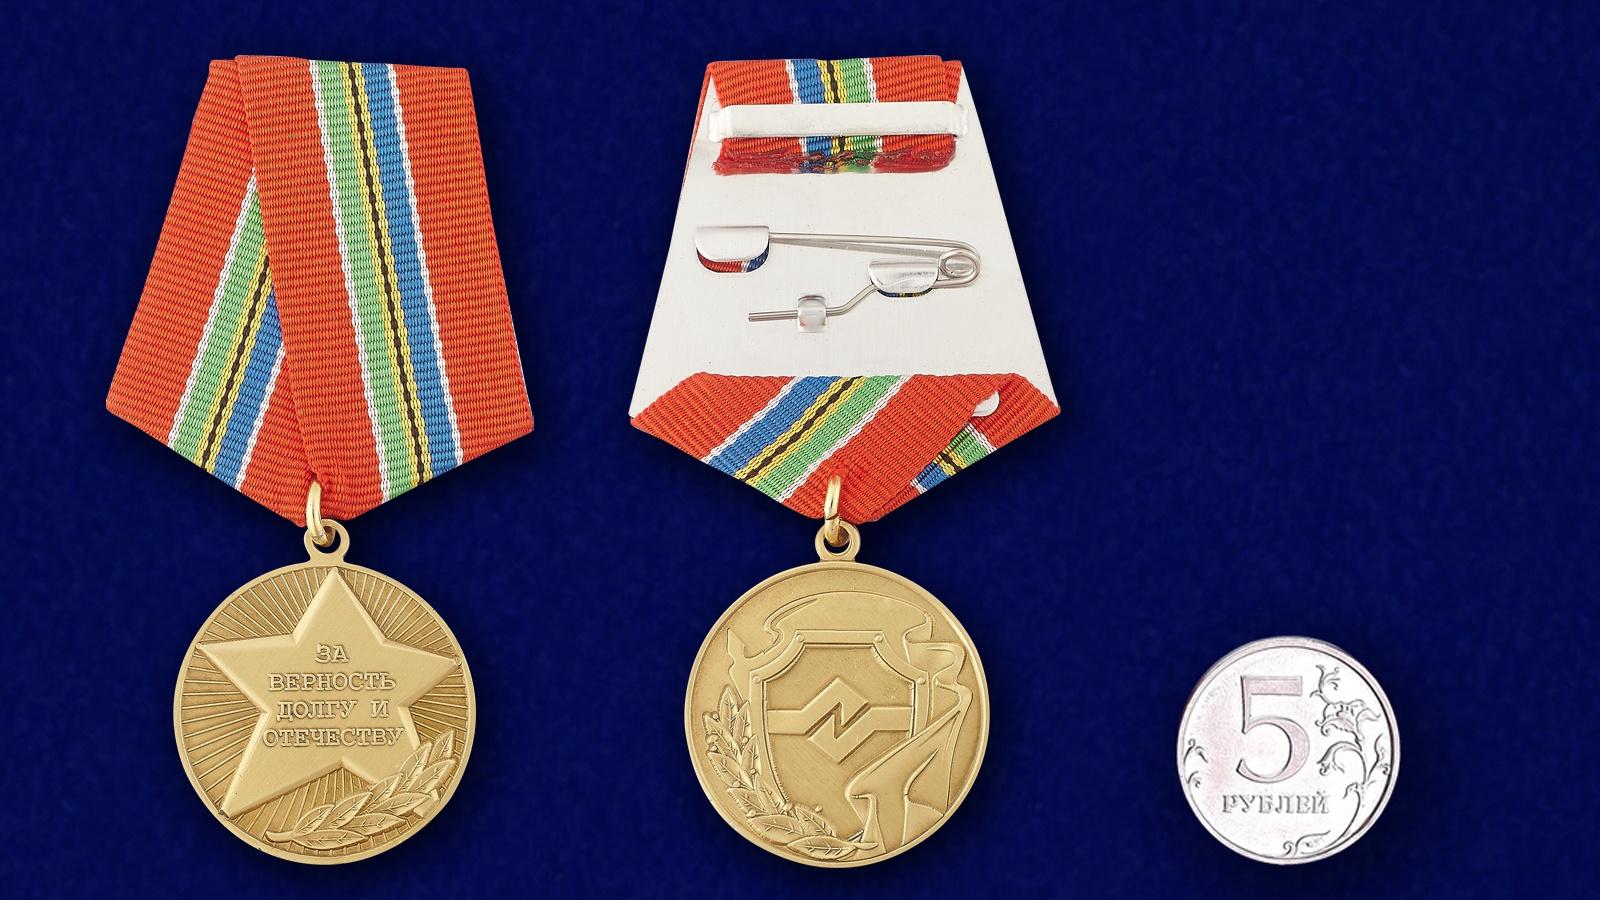 Общественная медаль «За верность долгу и Отечеству» - сравнительный размер